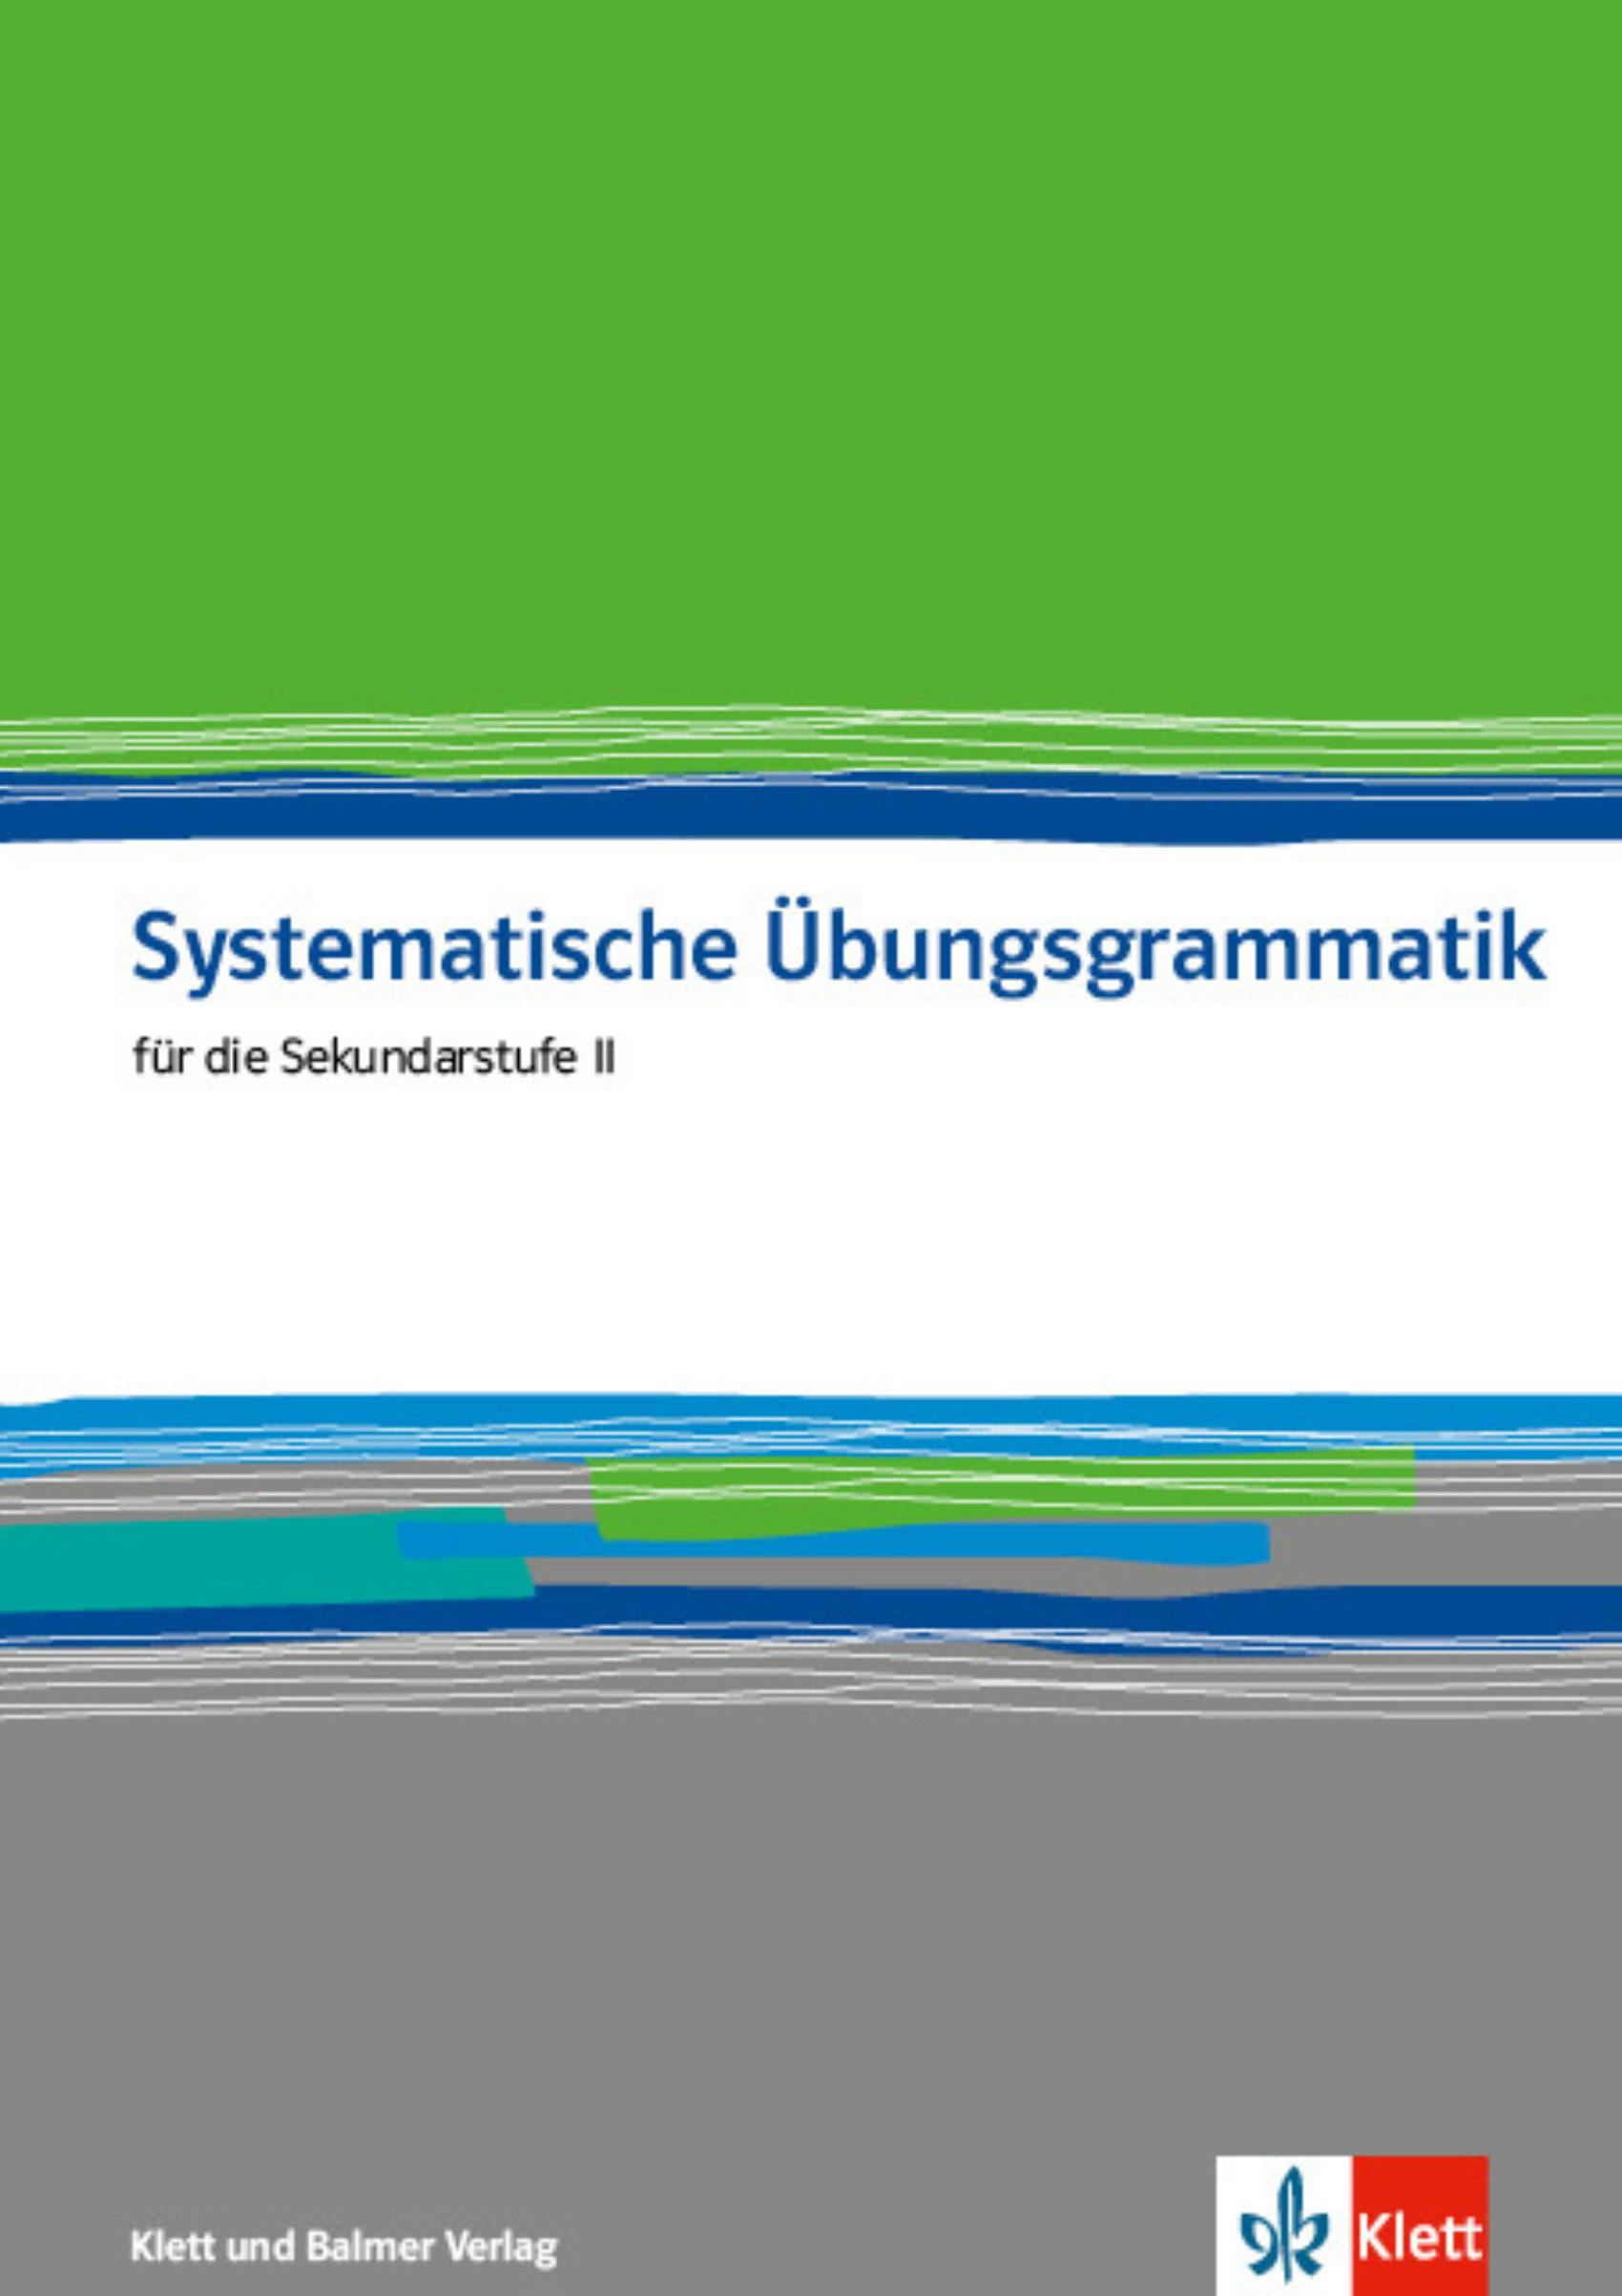 Arbeitsbuch systematische uebungsgrammatik 978 3 264 83976 0 klett und balmer